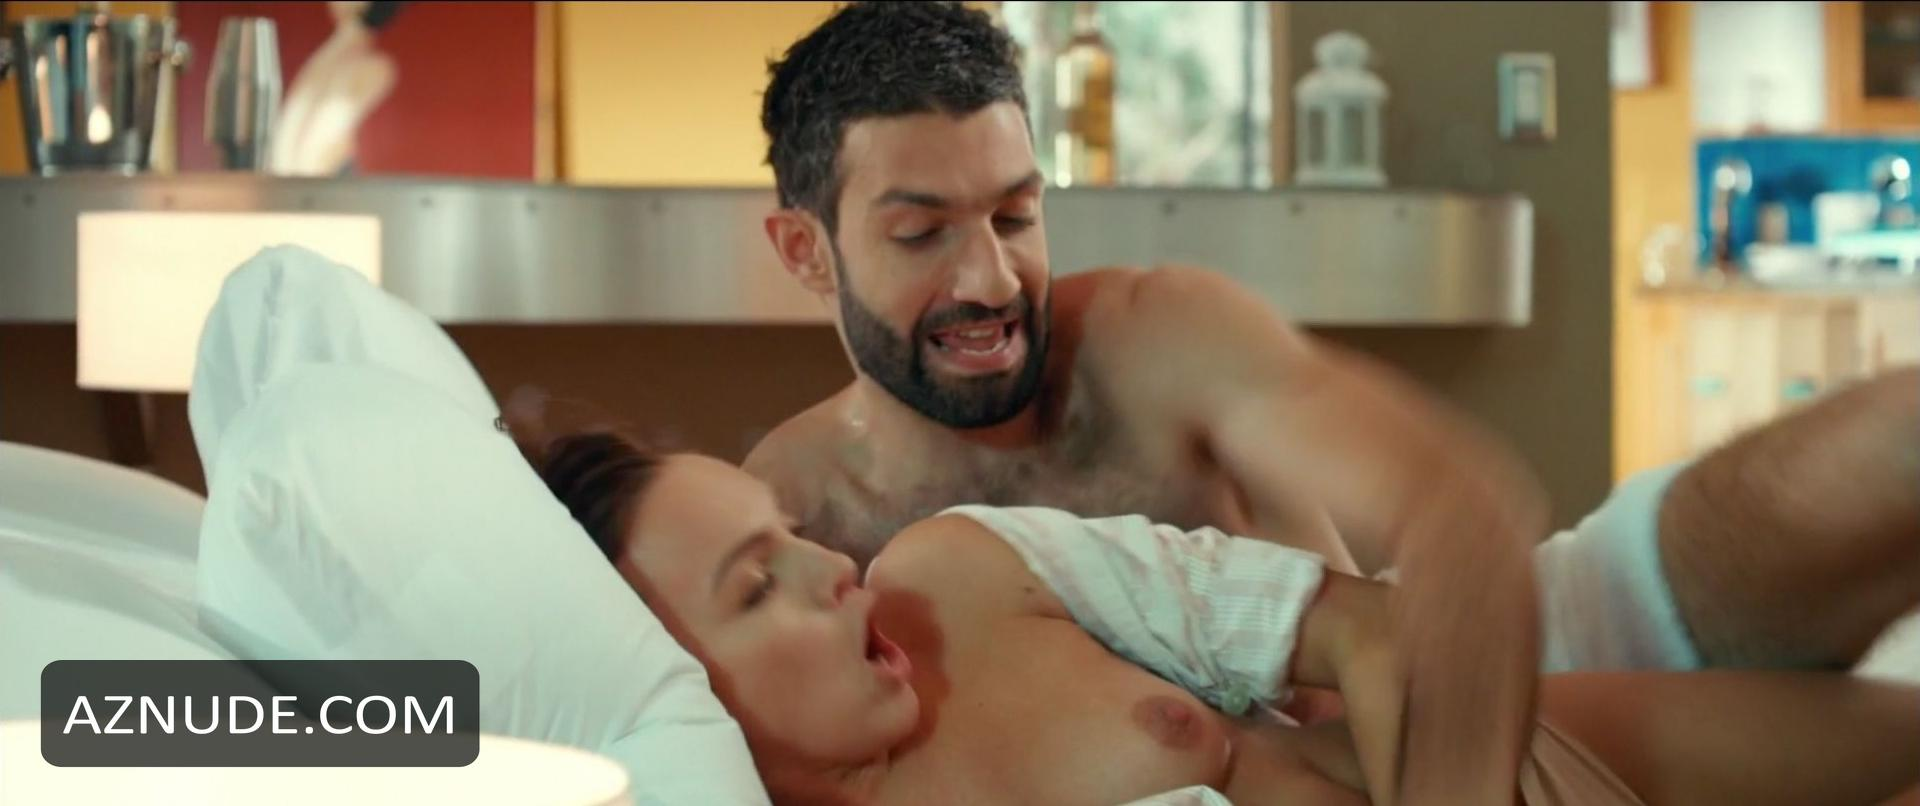 Natalya Nude Cool natalya zemtsova nude - aznude